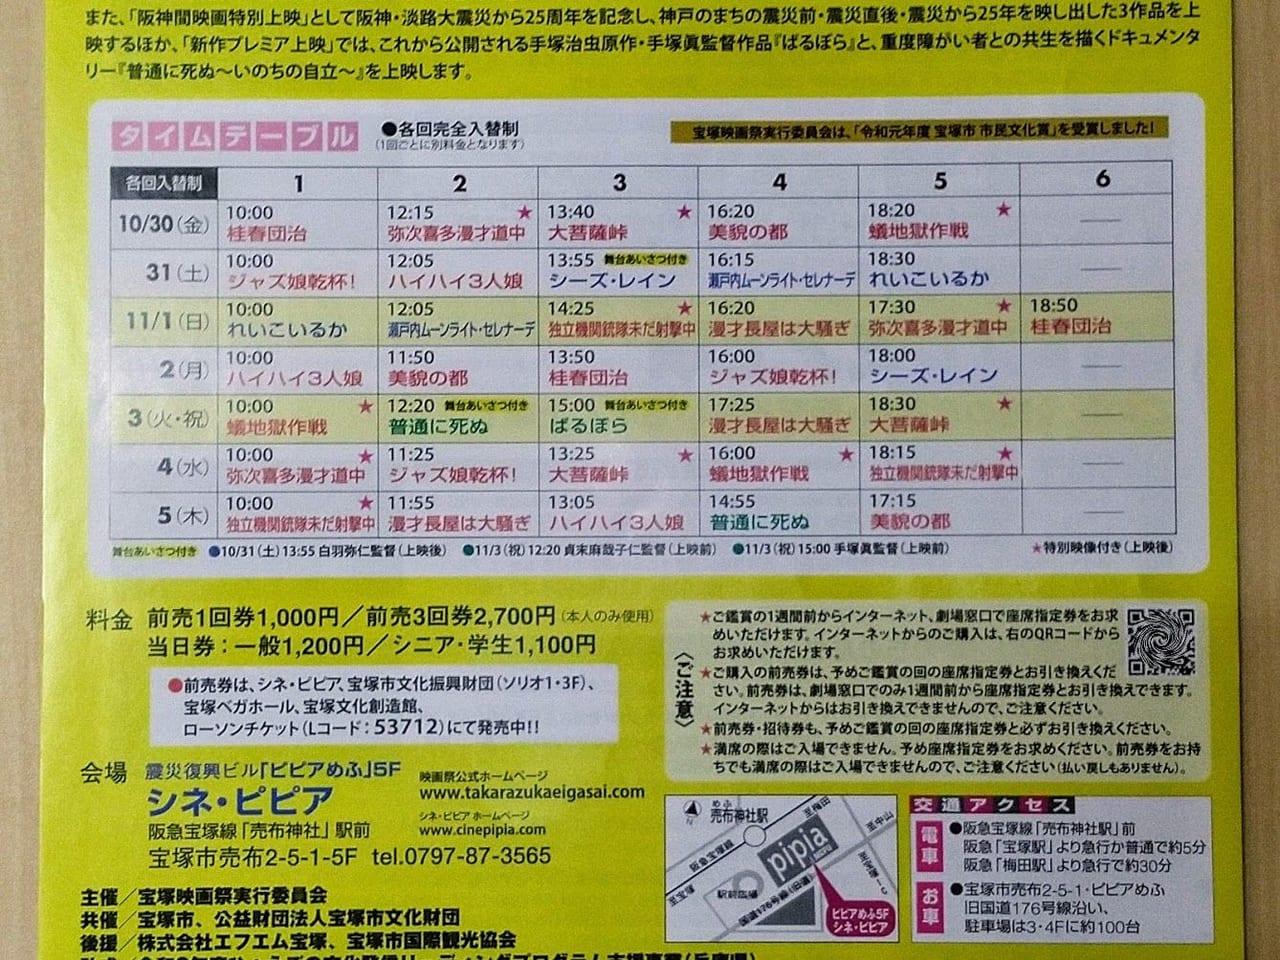 第21回宝塚映画祭タイムテーブル